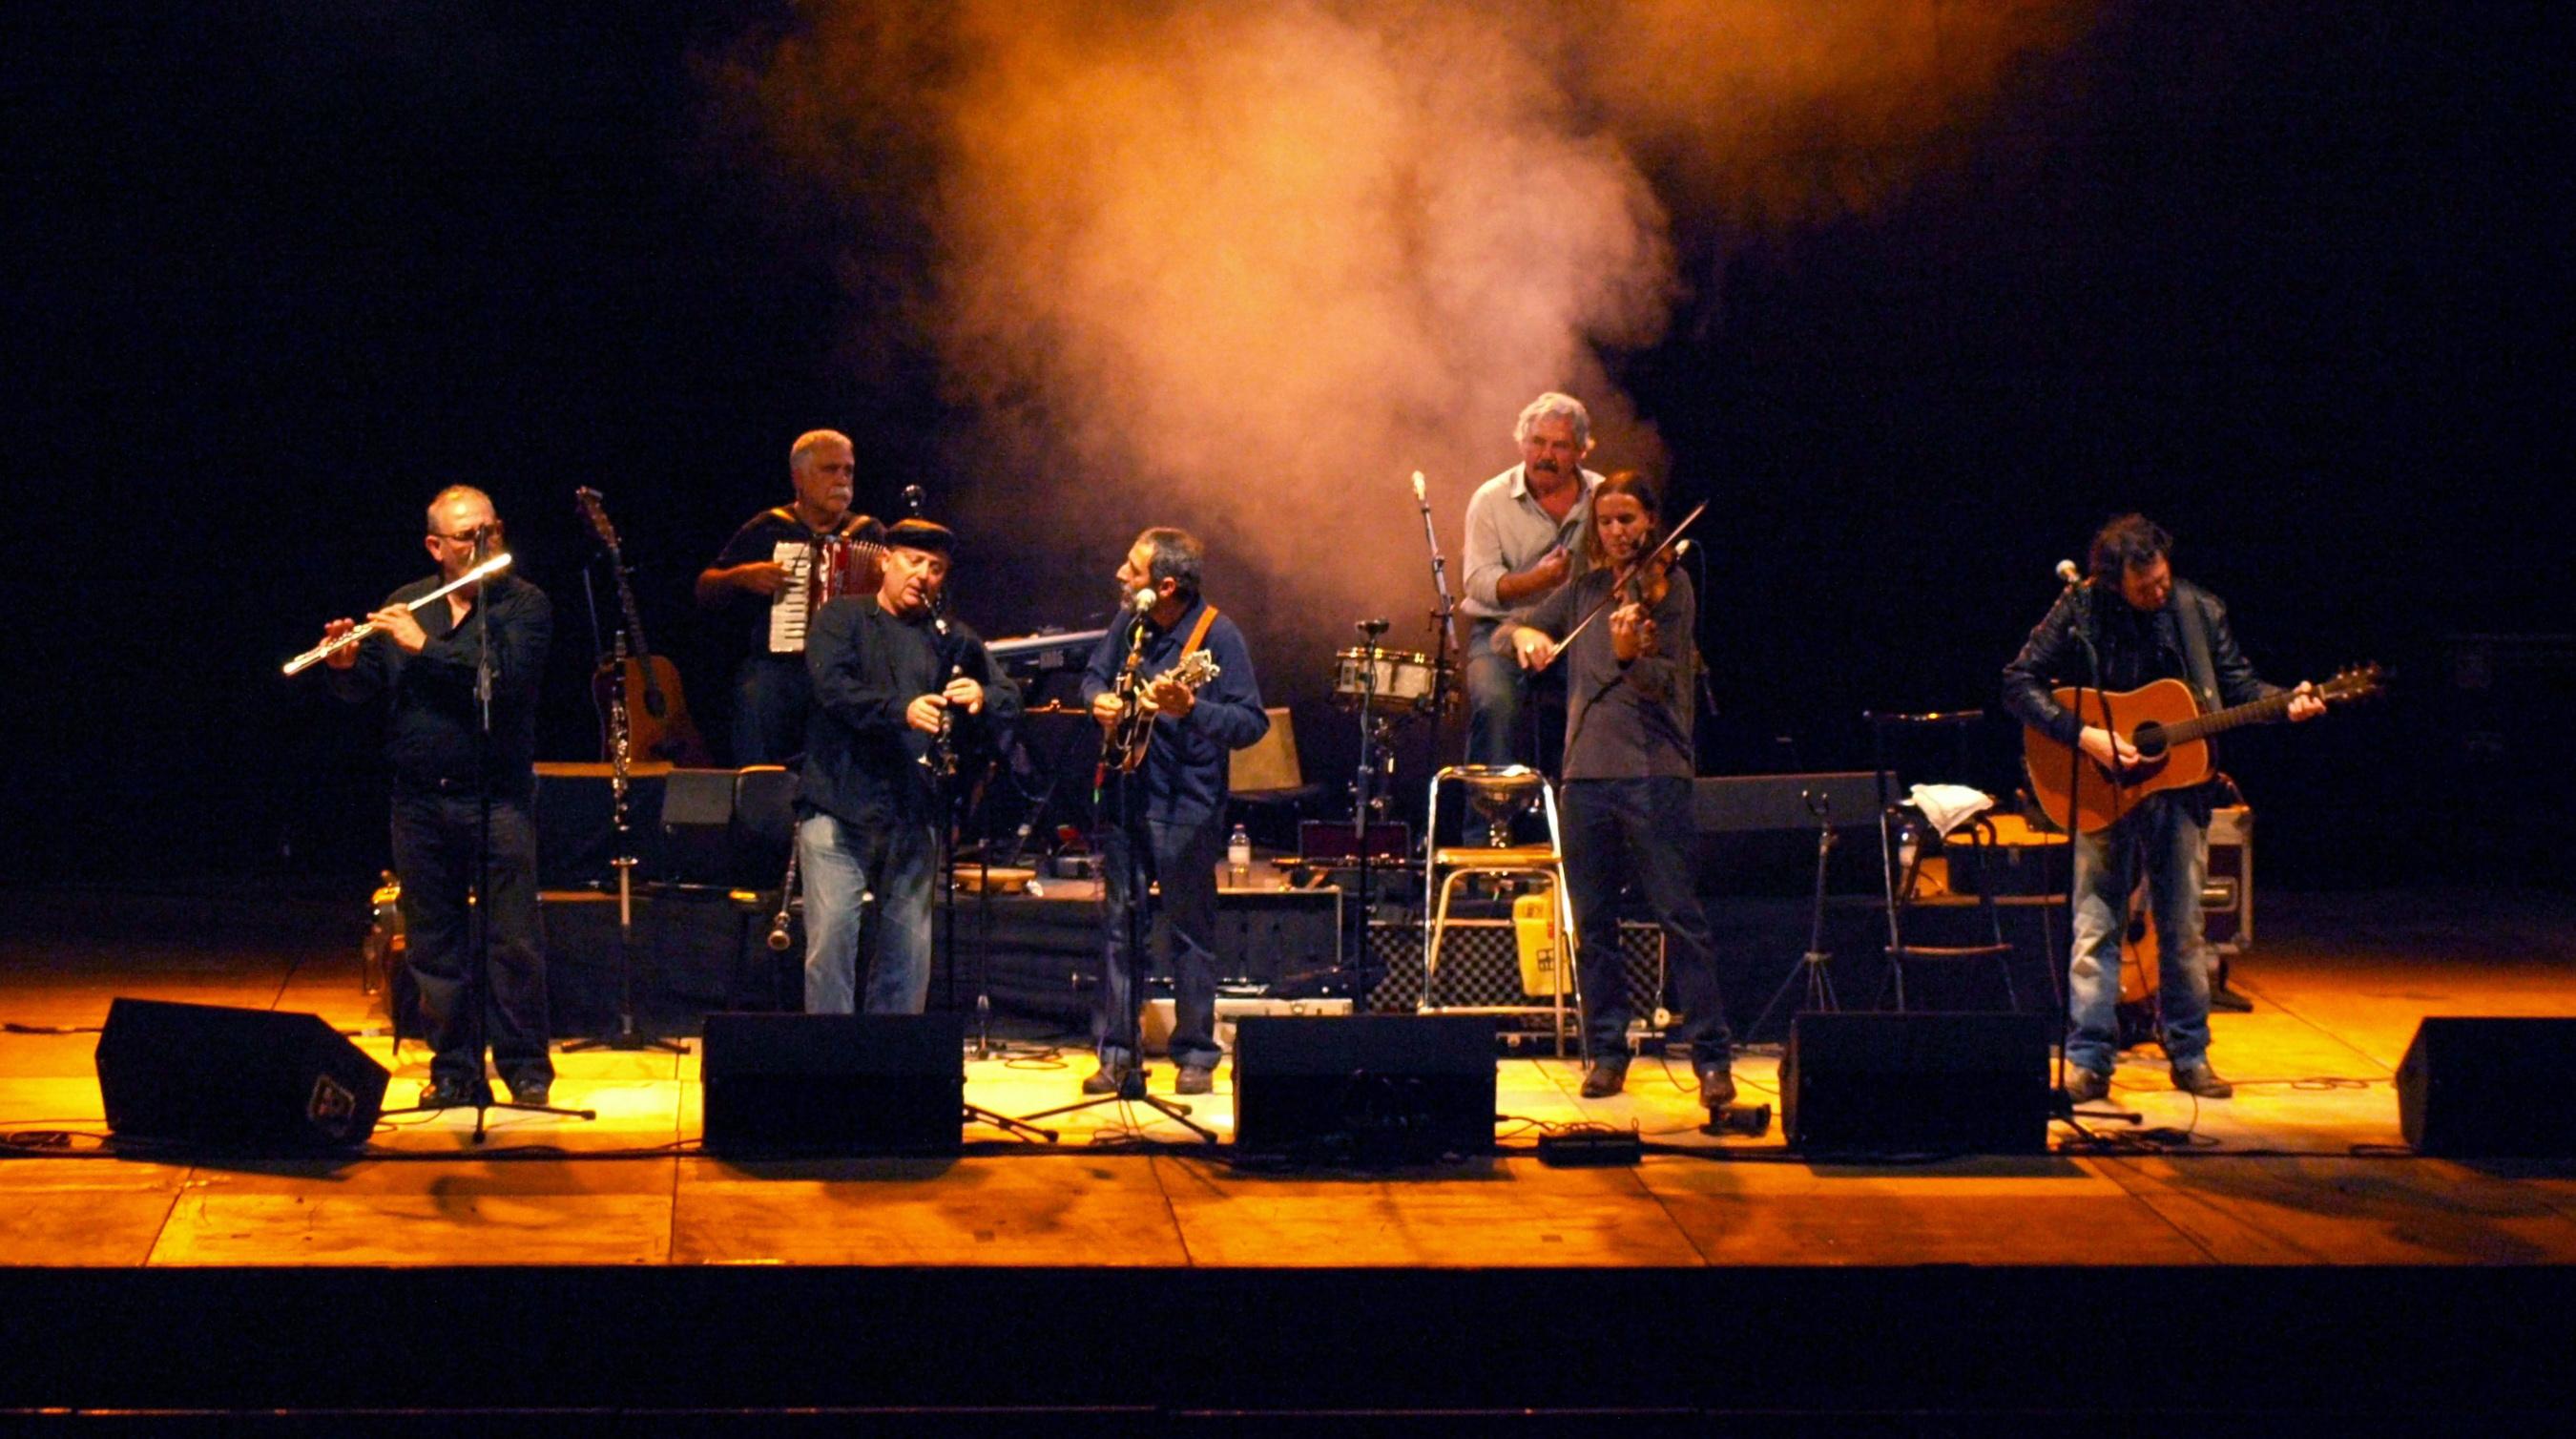 """Orquesta RTVE interpreta """"Suite de cine"""" de Milladoiro en orquestación de Juan Durán"""